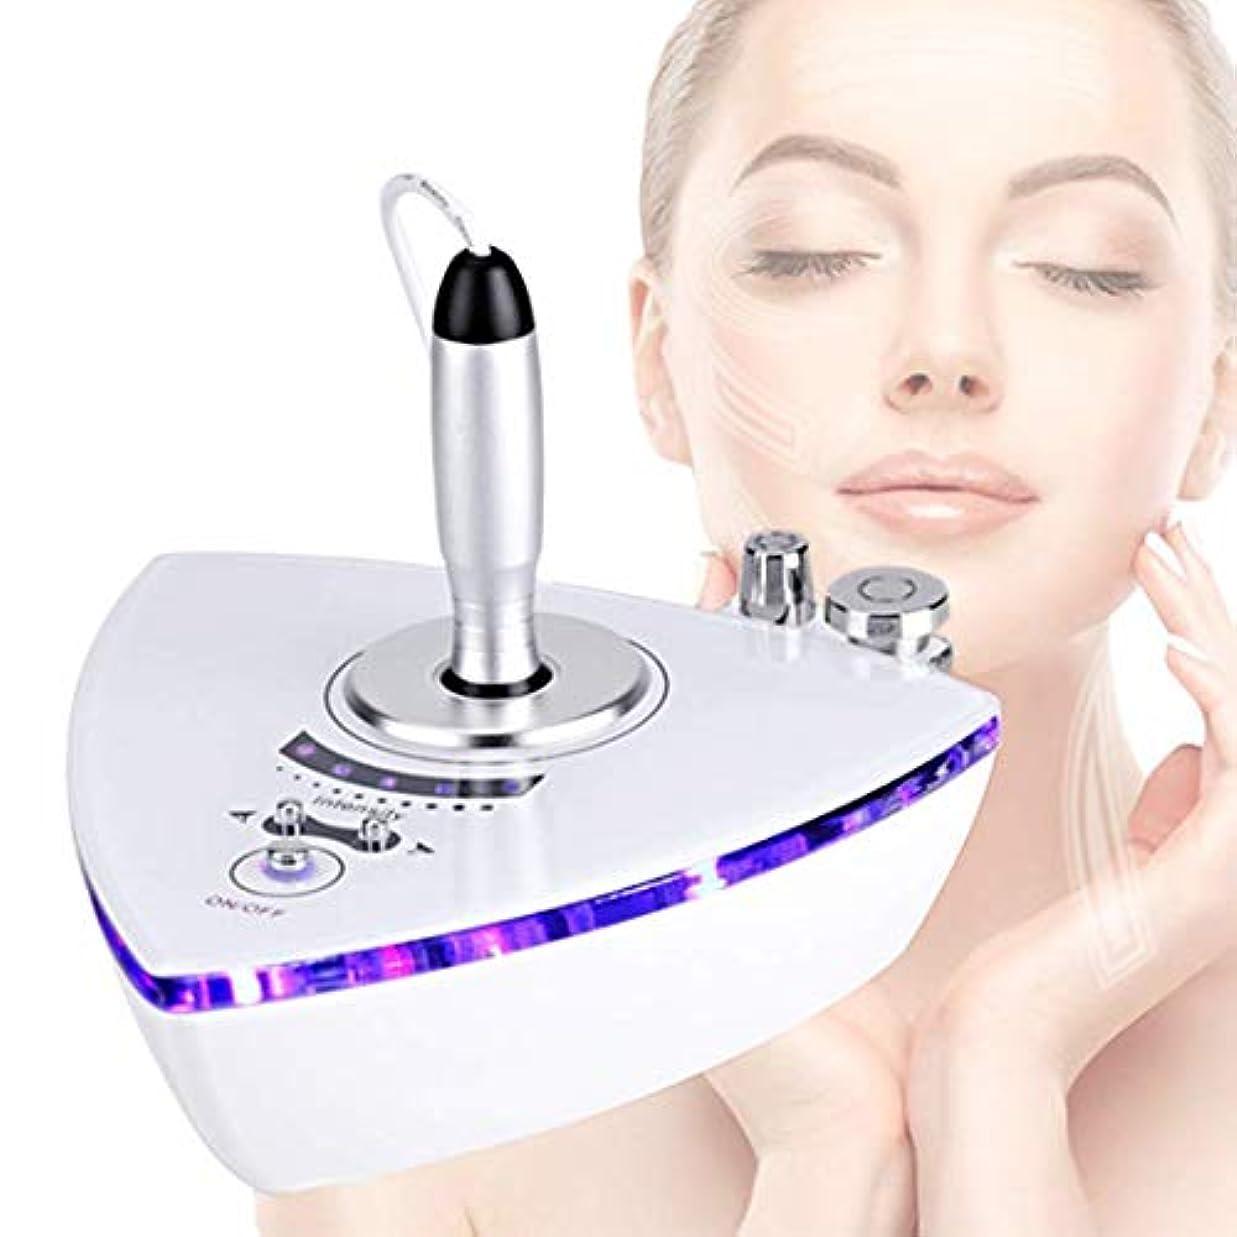 パーチナシティ満足させる助手RFの無線周波数の美顔術機械、反老化のスキンケアをきつく締める皮の若返りのしわ除去の皮のための家の使用携帯用美顔術機械